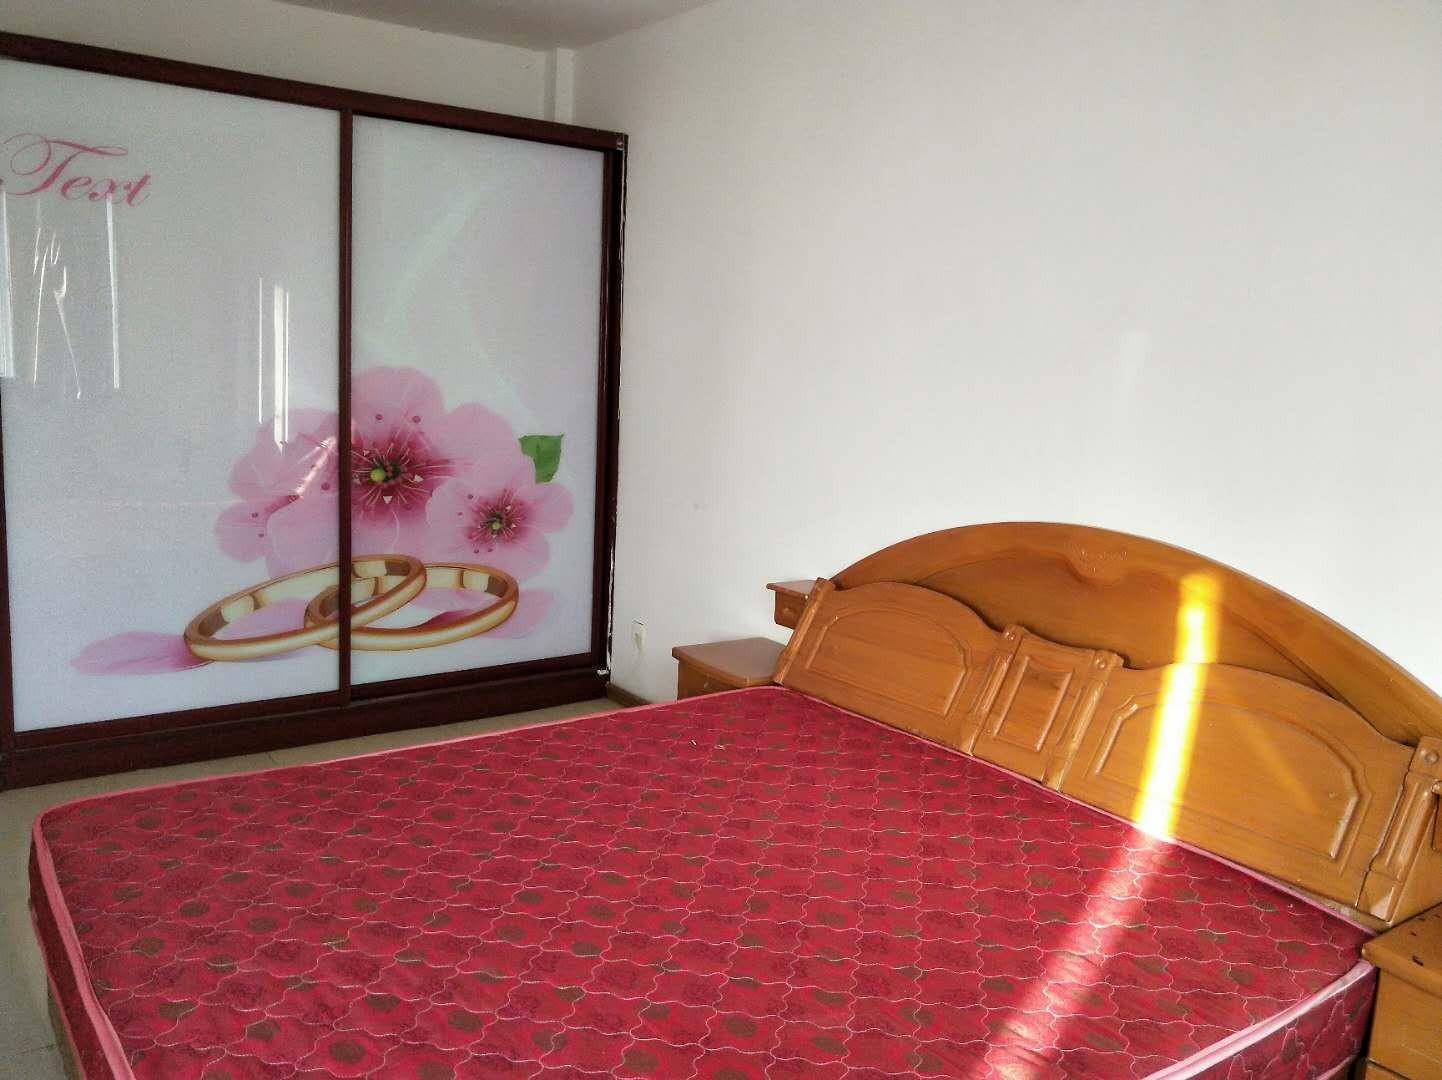 昌鸿小区两室两厅简装修楼房出租楼层好